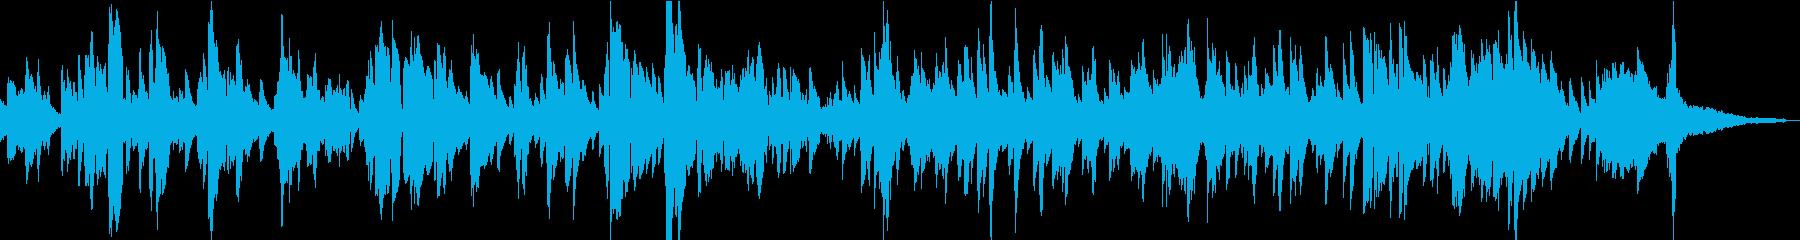 ピアノとトランペットを使用した、エ...の再生済みの波形